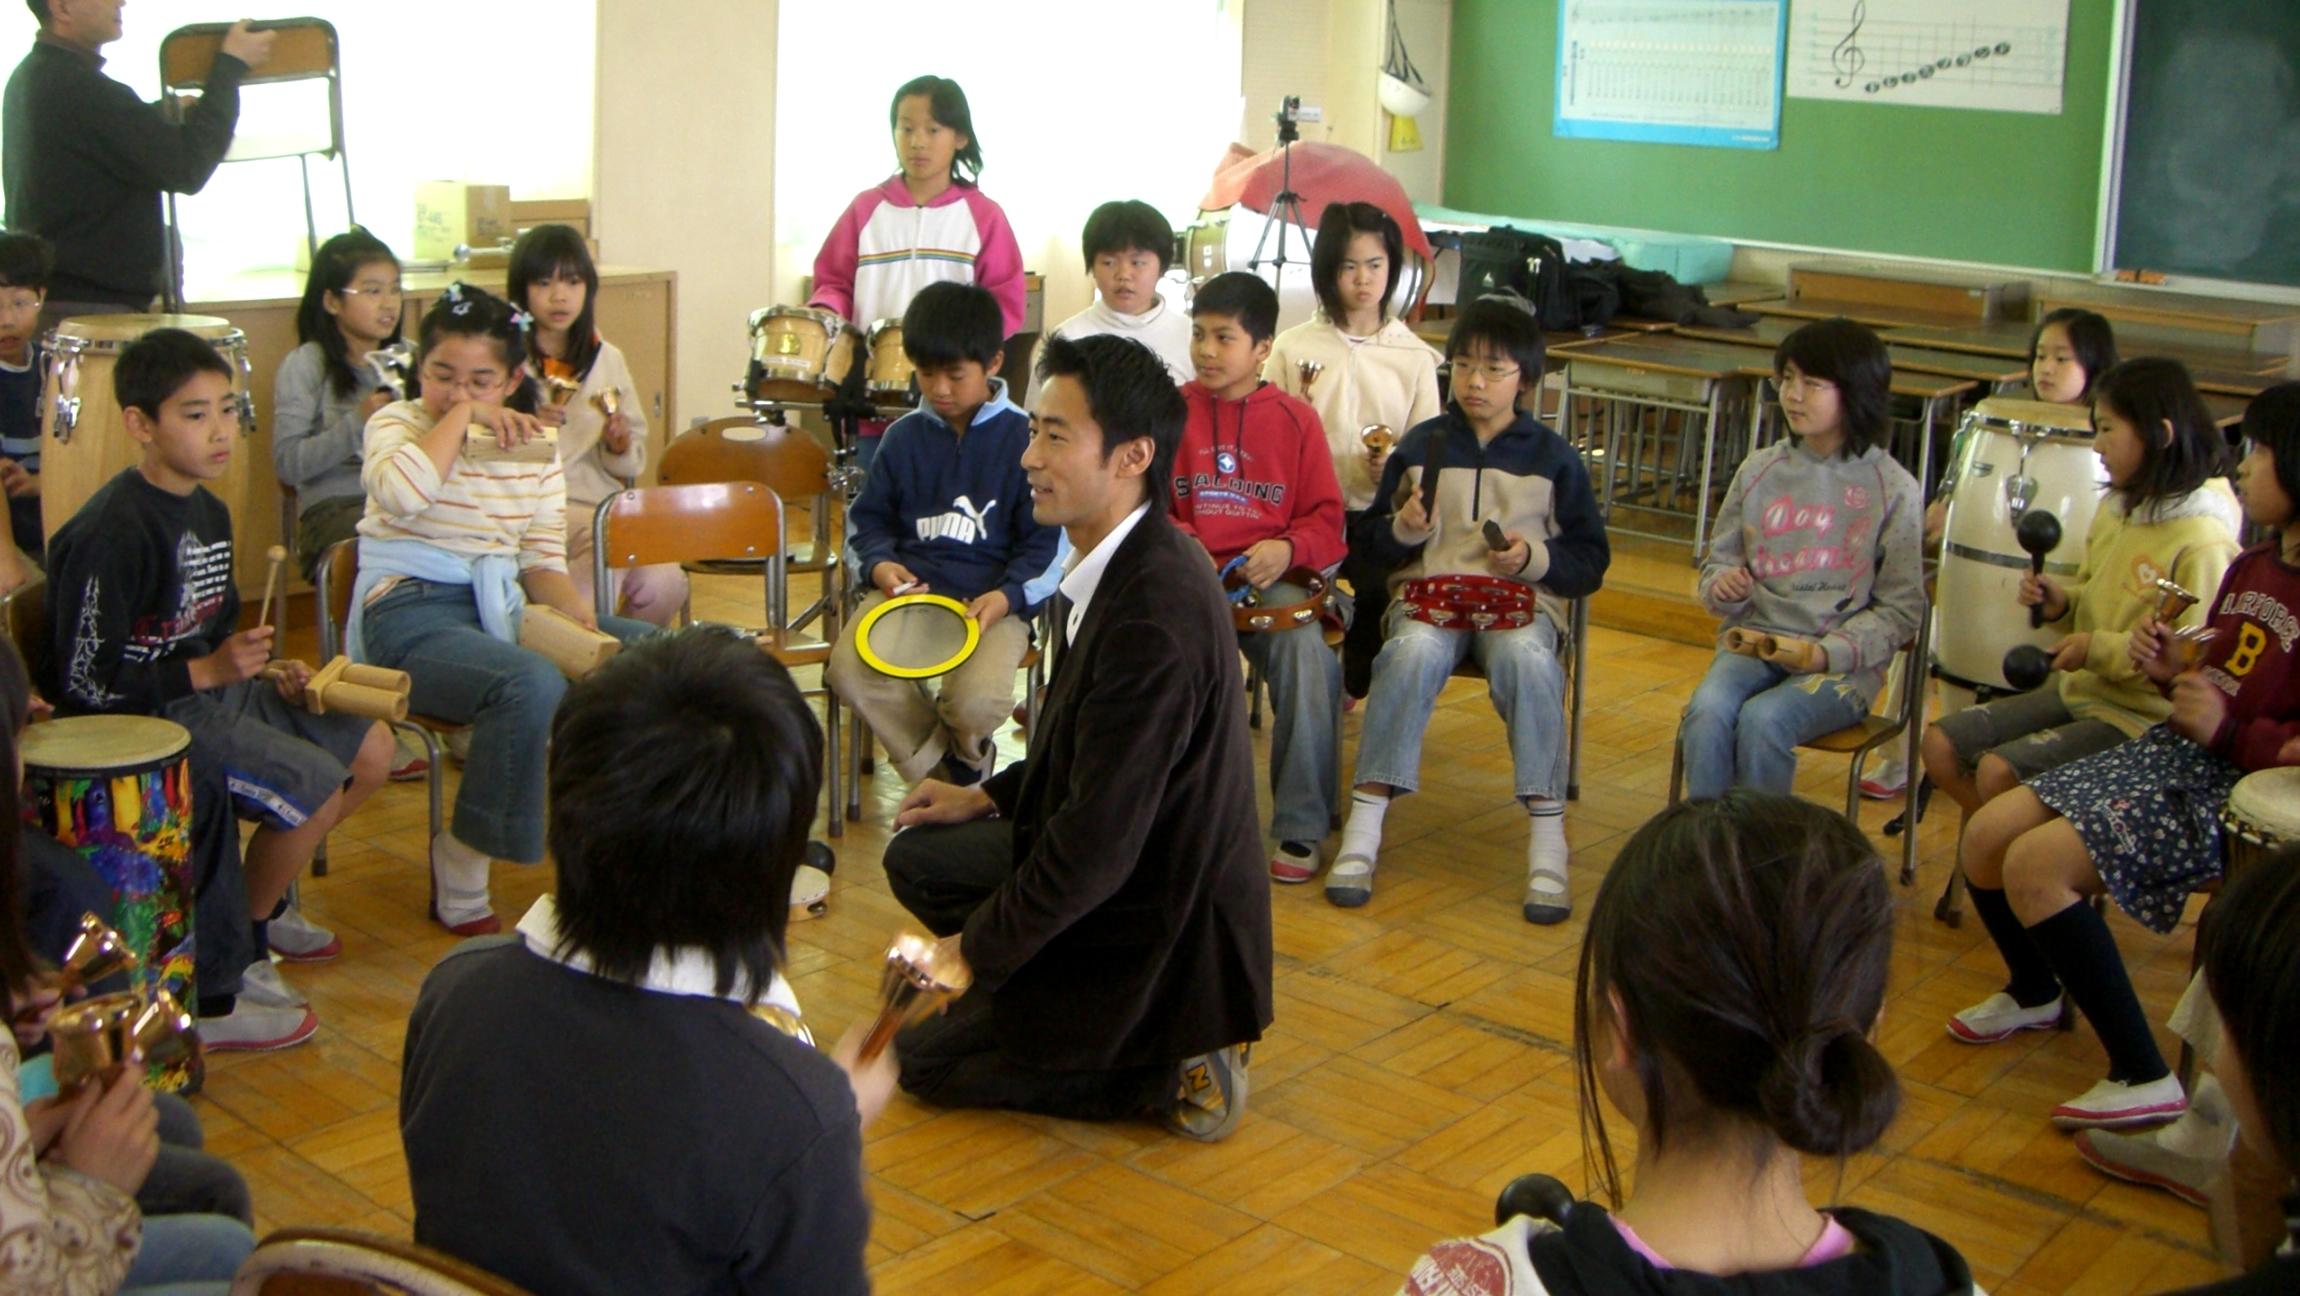 感動再び!小学校でのドラムサークル2回目。